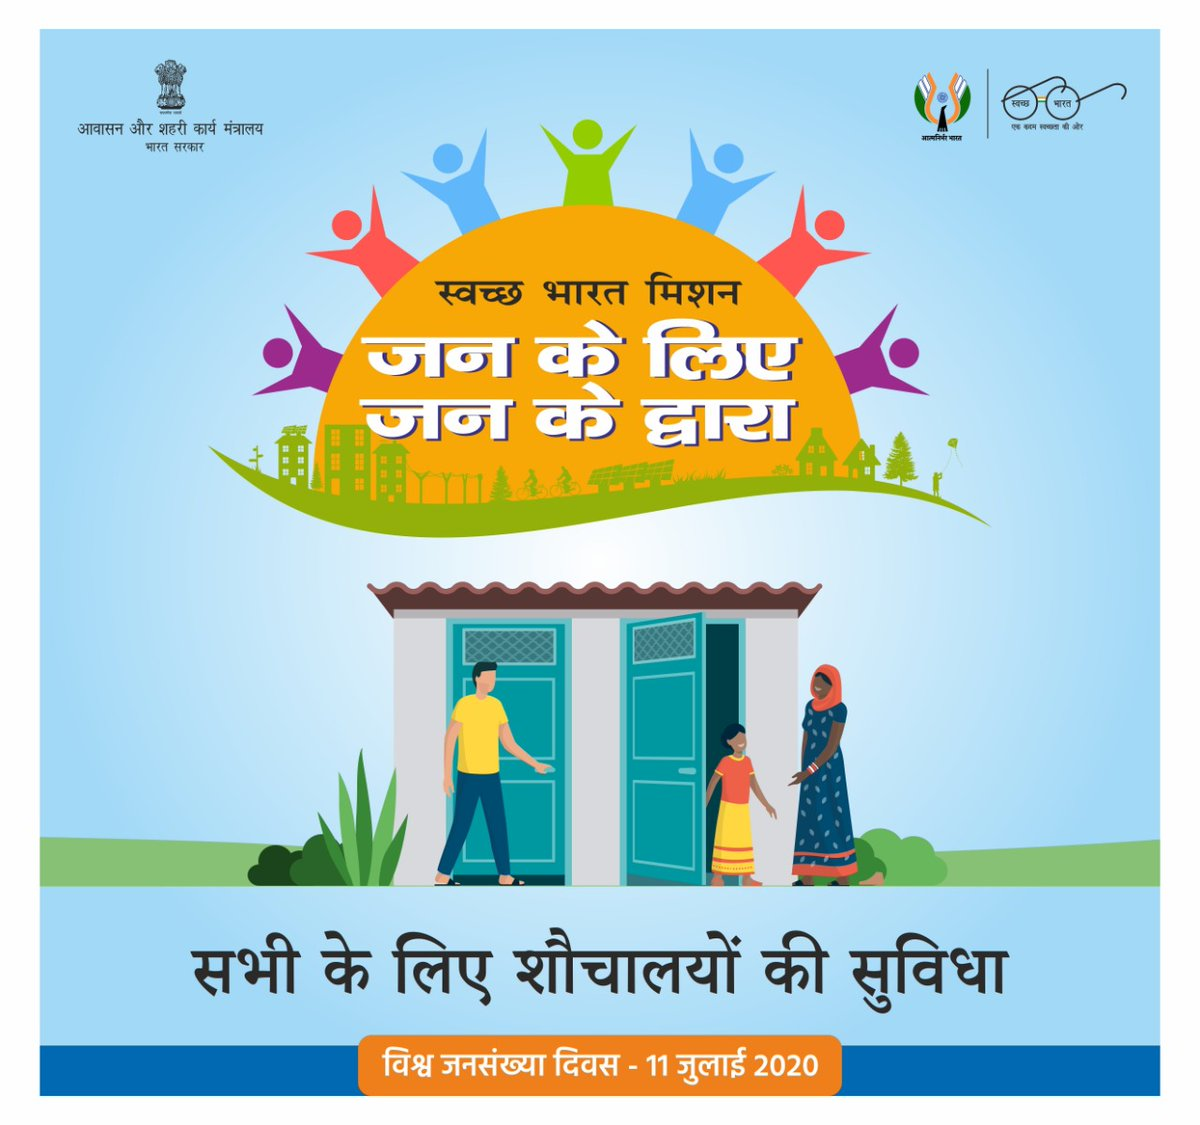 स्वच्छ भारत मिशन के अंतर्गत देश भर में लाखों शौचालय बनाए गए हैं , जिसकी वजह से आज सभी देशवासियों को शौचालयों की सुविधा मिली है और भारत 'खुले में शौच मुक्त' हो सका है।  #WorldPopulationDay #WorldPopulationDay2020 #MyCleanIndia https://t.co/O3Vascl4Ng